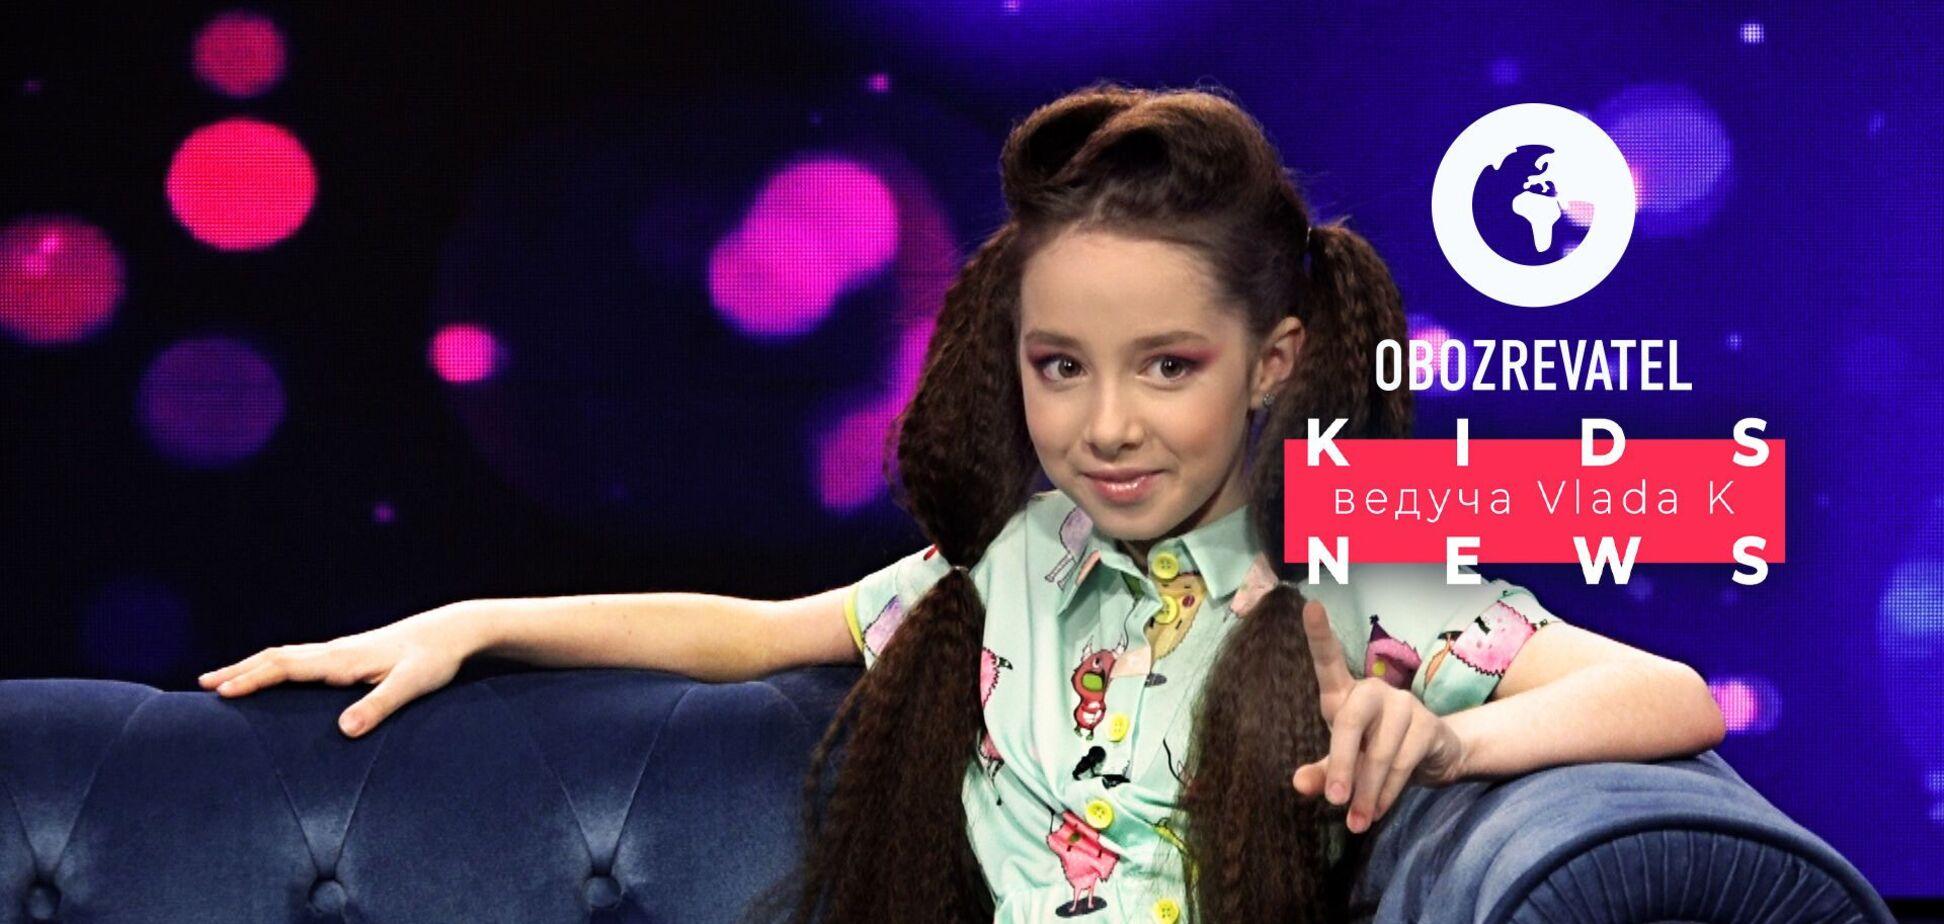 Дочка Анджеліни Джолі та українка Таня Муіньо, Джастін Бібер та Alyona Alyona – сьогодні в Kids News з Vlada K